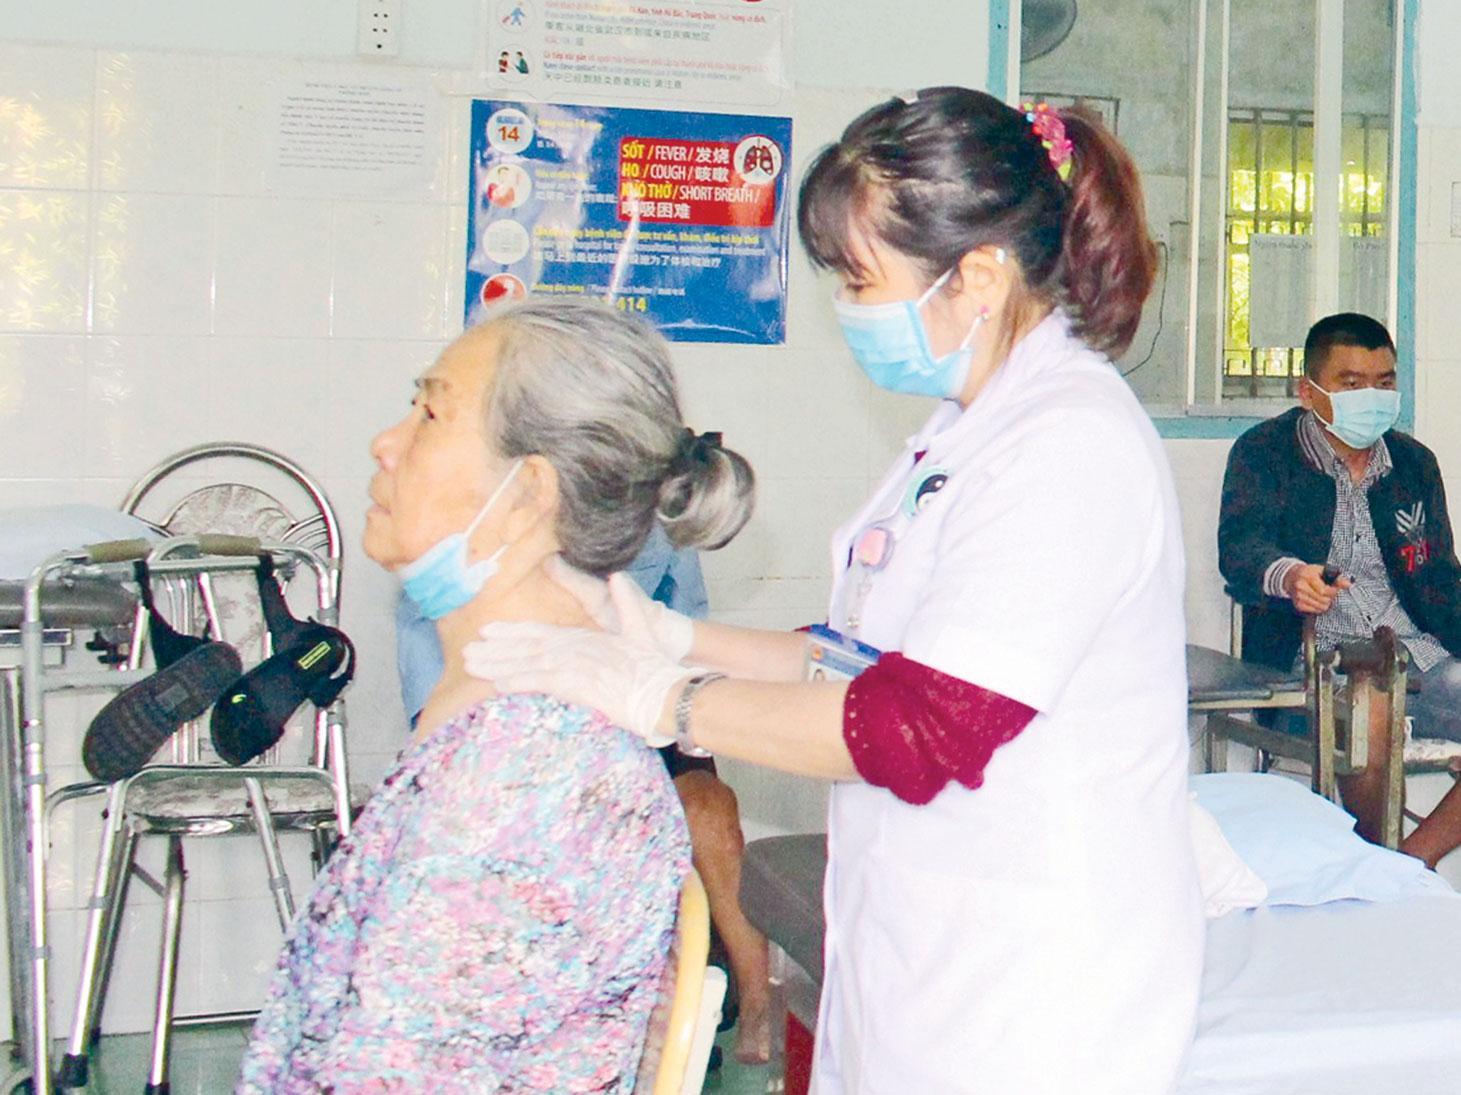 Việc điều trị thành công nhiều bệnh mạn tính, Bệnh viện Y học cổ truyền Long An trở thành địa chỉ khám chữa bệnh đáng tin cậy của nhiều người bệnh